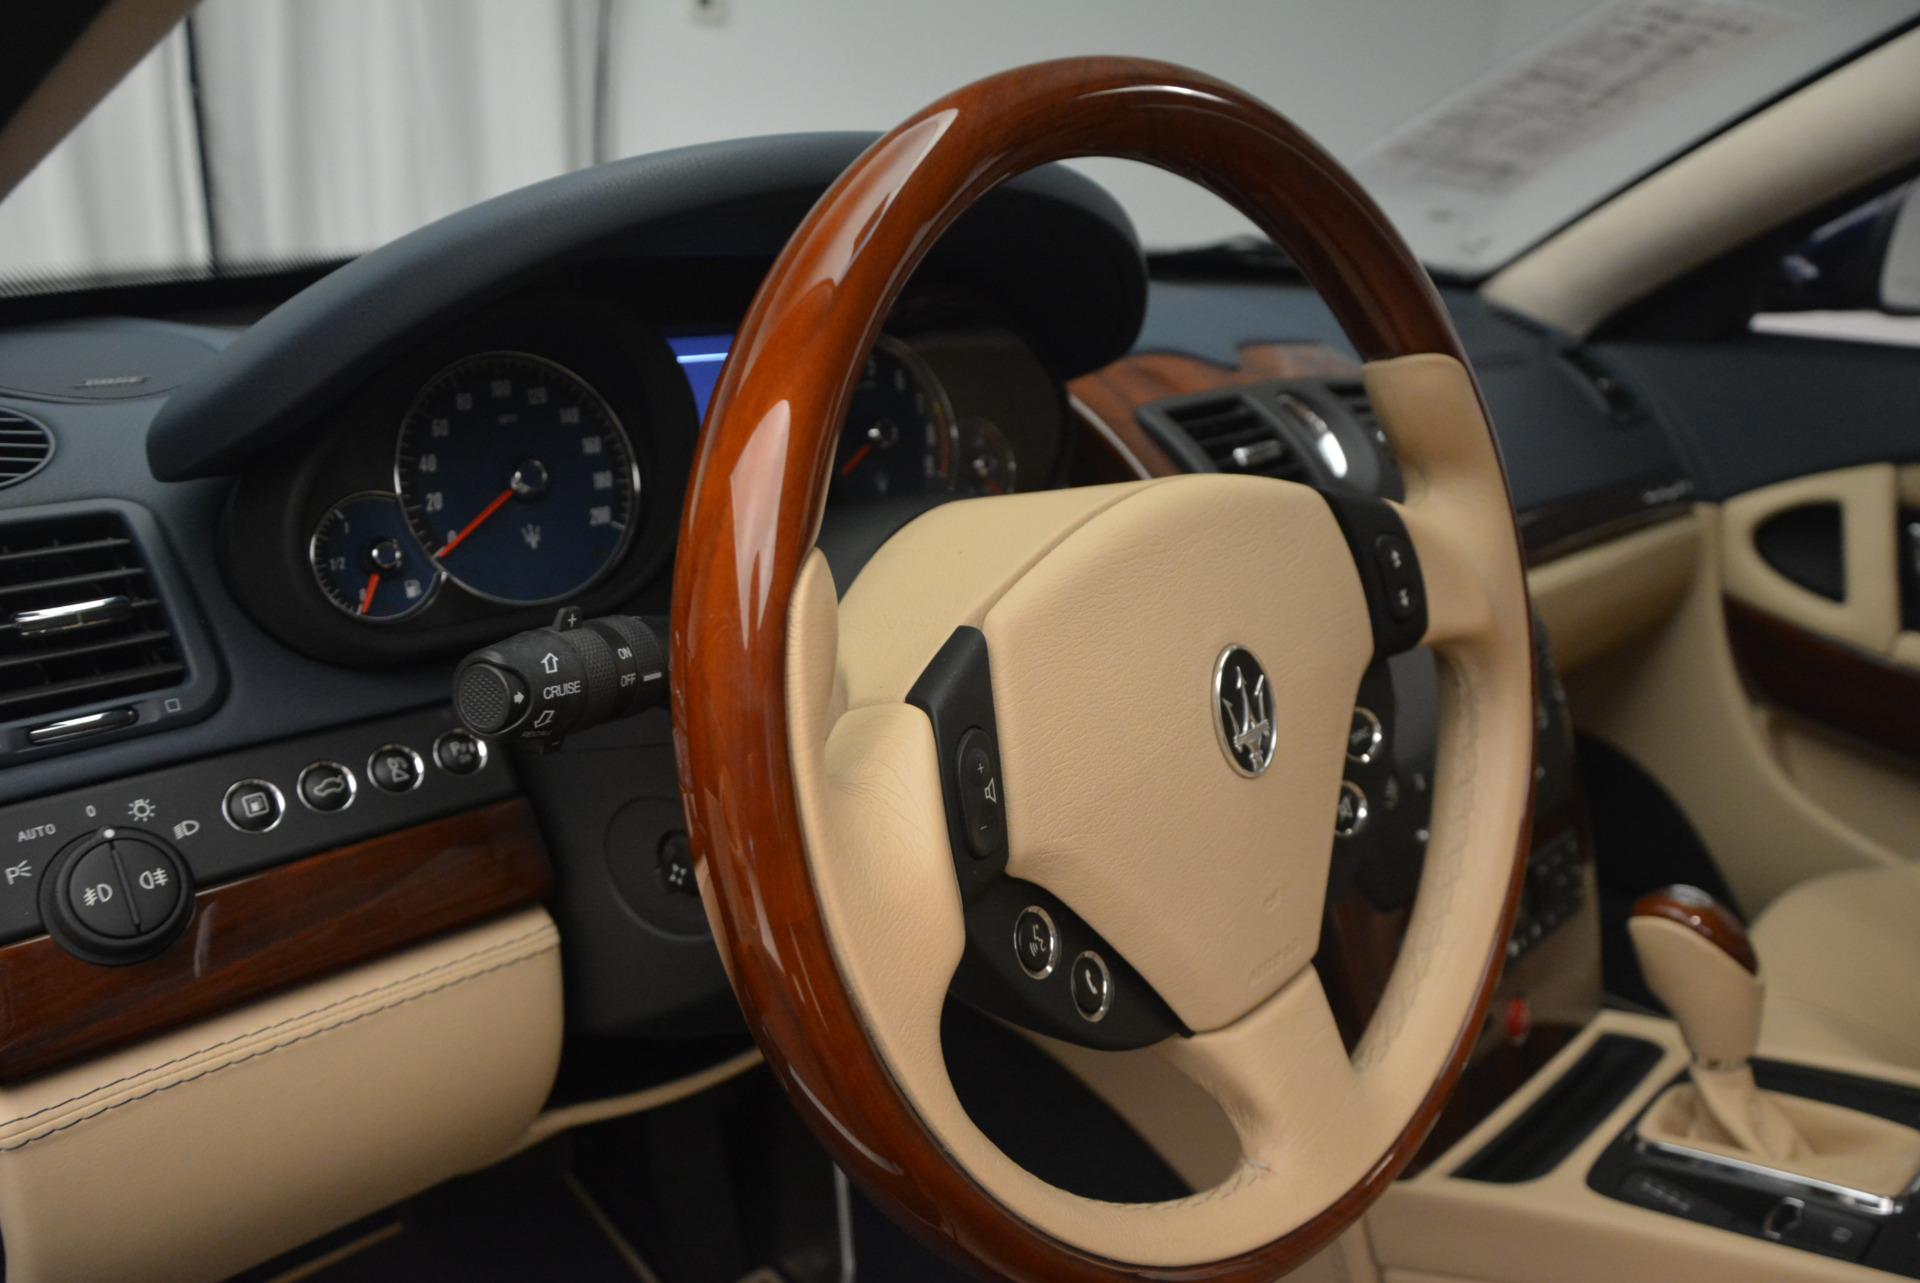 Used 2010 Maserati Quattroporte S For Sale In Greenwich, CT. Alfa Romeo of Greenwich, 1267 795_p16